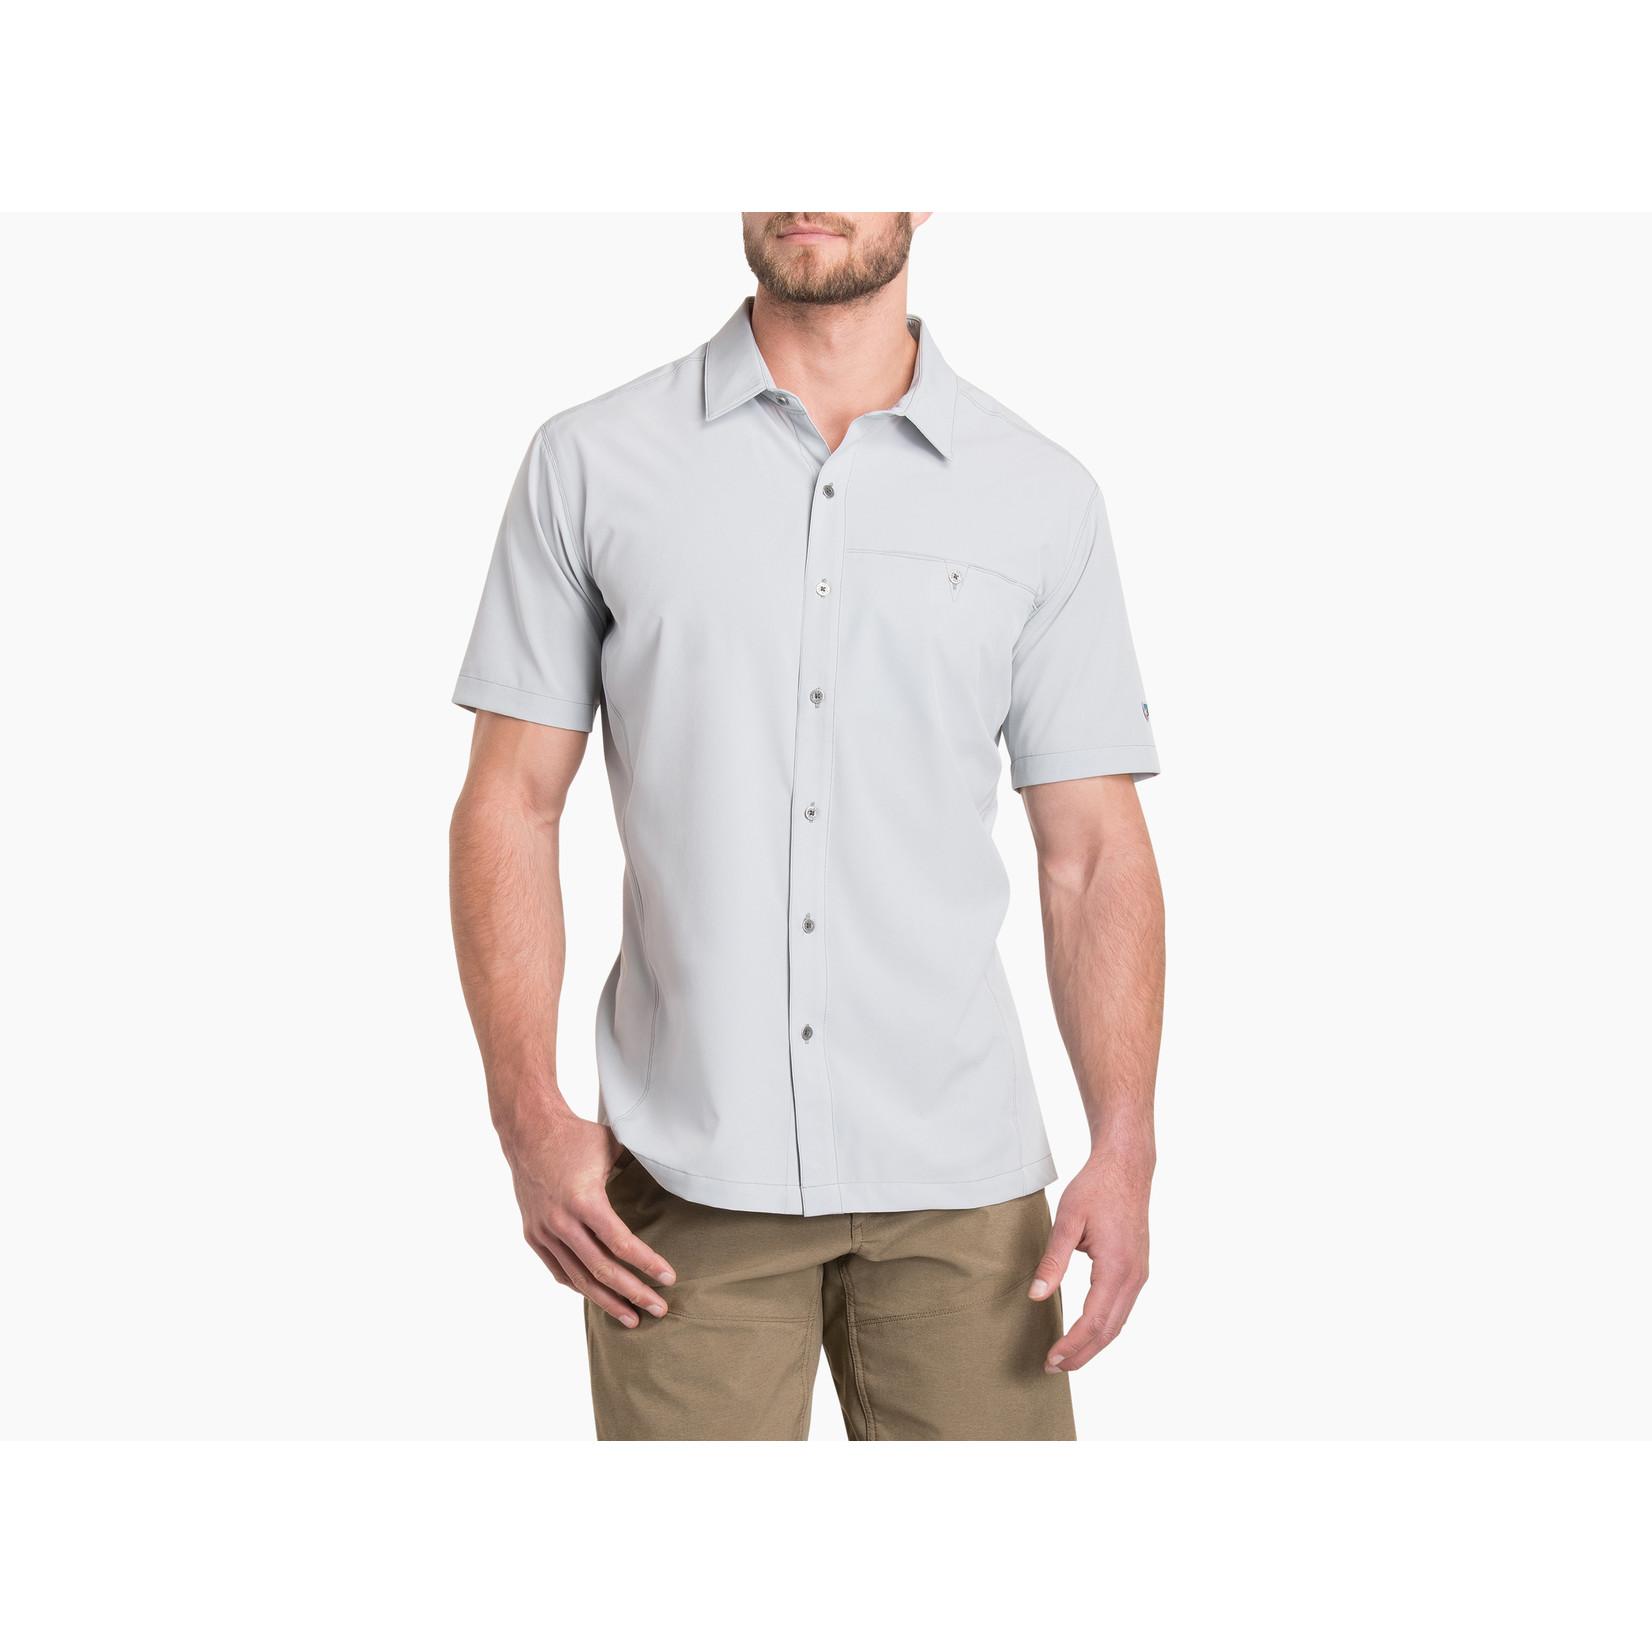 Kuhl Renegade™ Shirt